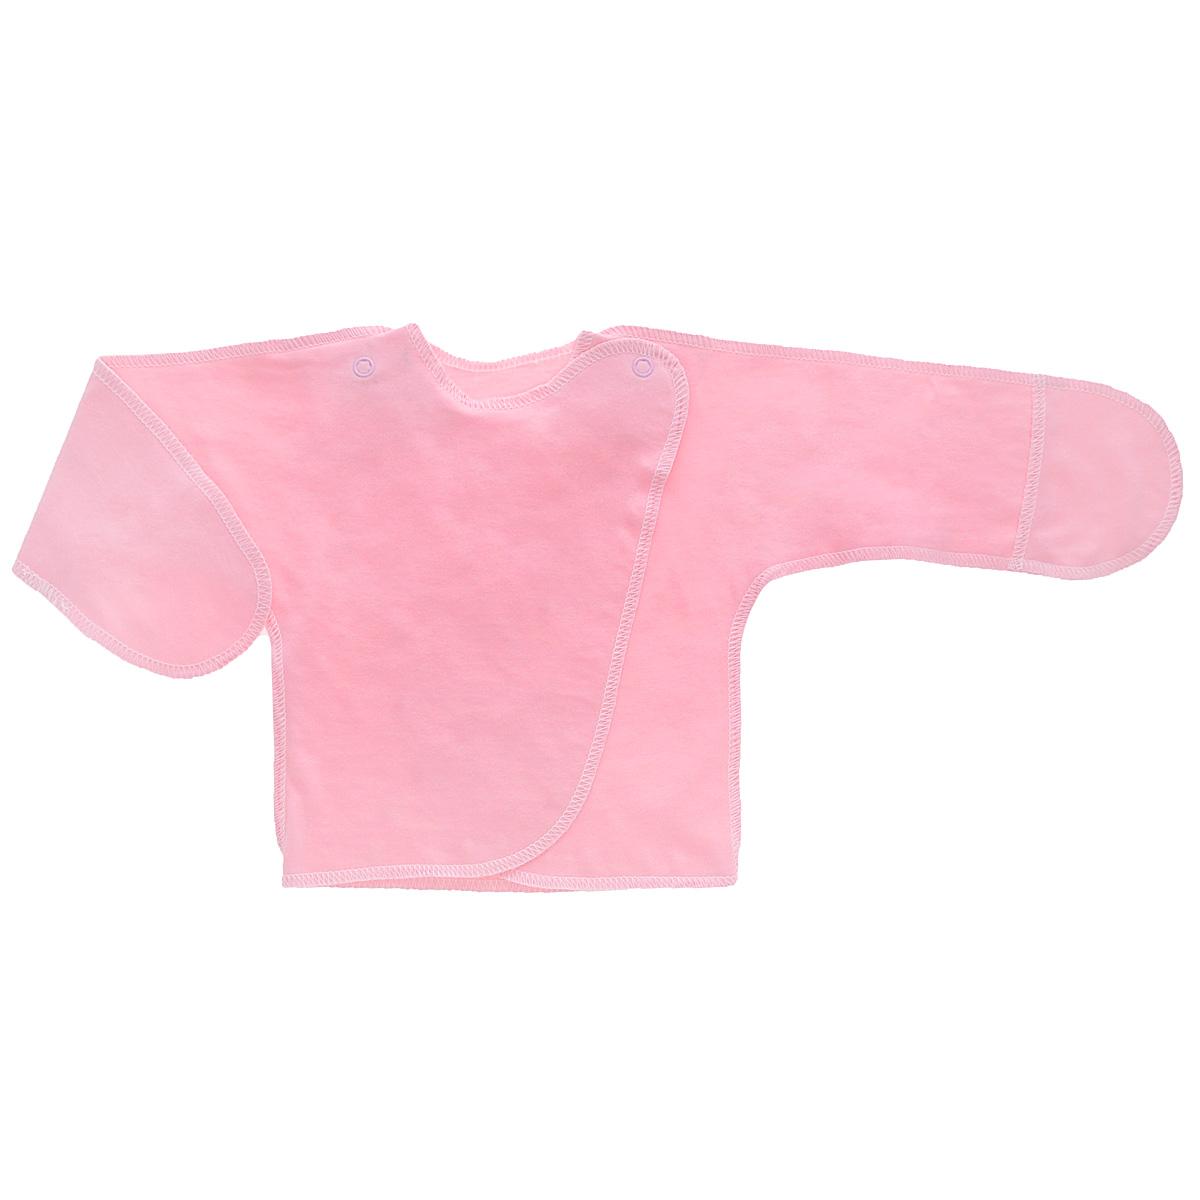 Распашонка Трон-плюс, цвет: розовый. 5003. Размер 62, 3 месяца5003Распашонка с закрытыми ручками Трон-плюс послужит идеальным дополнением к гардеробу младенца. Распашонка, выполненная швами наружу, изготовлена из кулирного полотна - натурального хлопка, благодаря чему она необычайно мягкая и легкая, не раздражает нежную кожу ребенка и хорошо вентилируется, а эластичные швы приятны телу малыша и не препятствуют его движениям. Распашонка с запахом, застегивается при помощи двух кнопок на плечах, которые позволяют без труда переодеть ребенка. Благодаря рукавичкам ребенок не поцарапает себя.